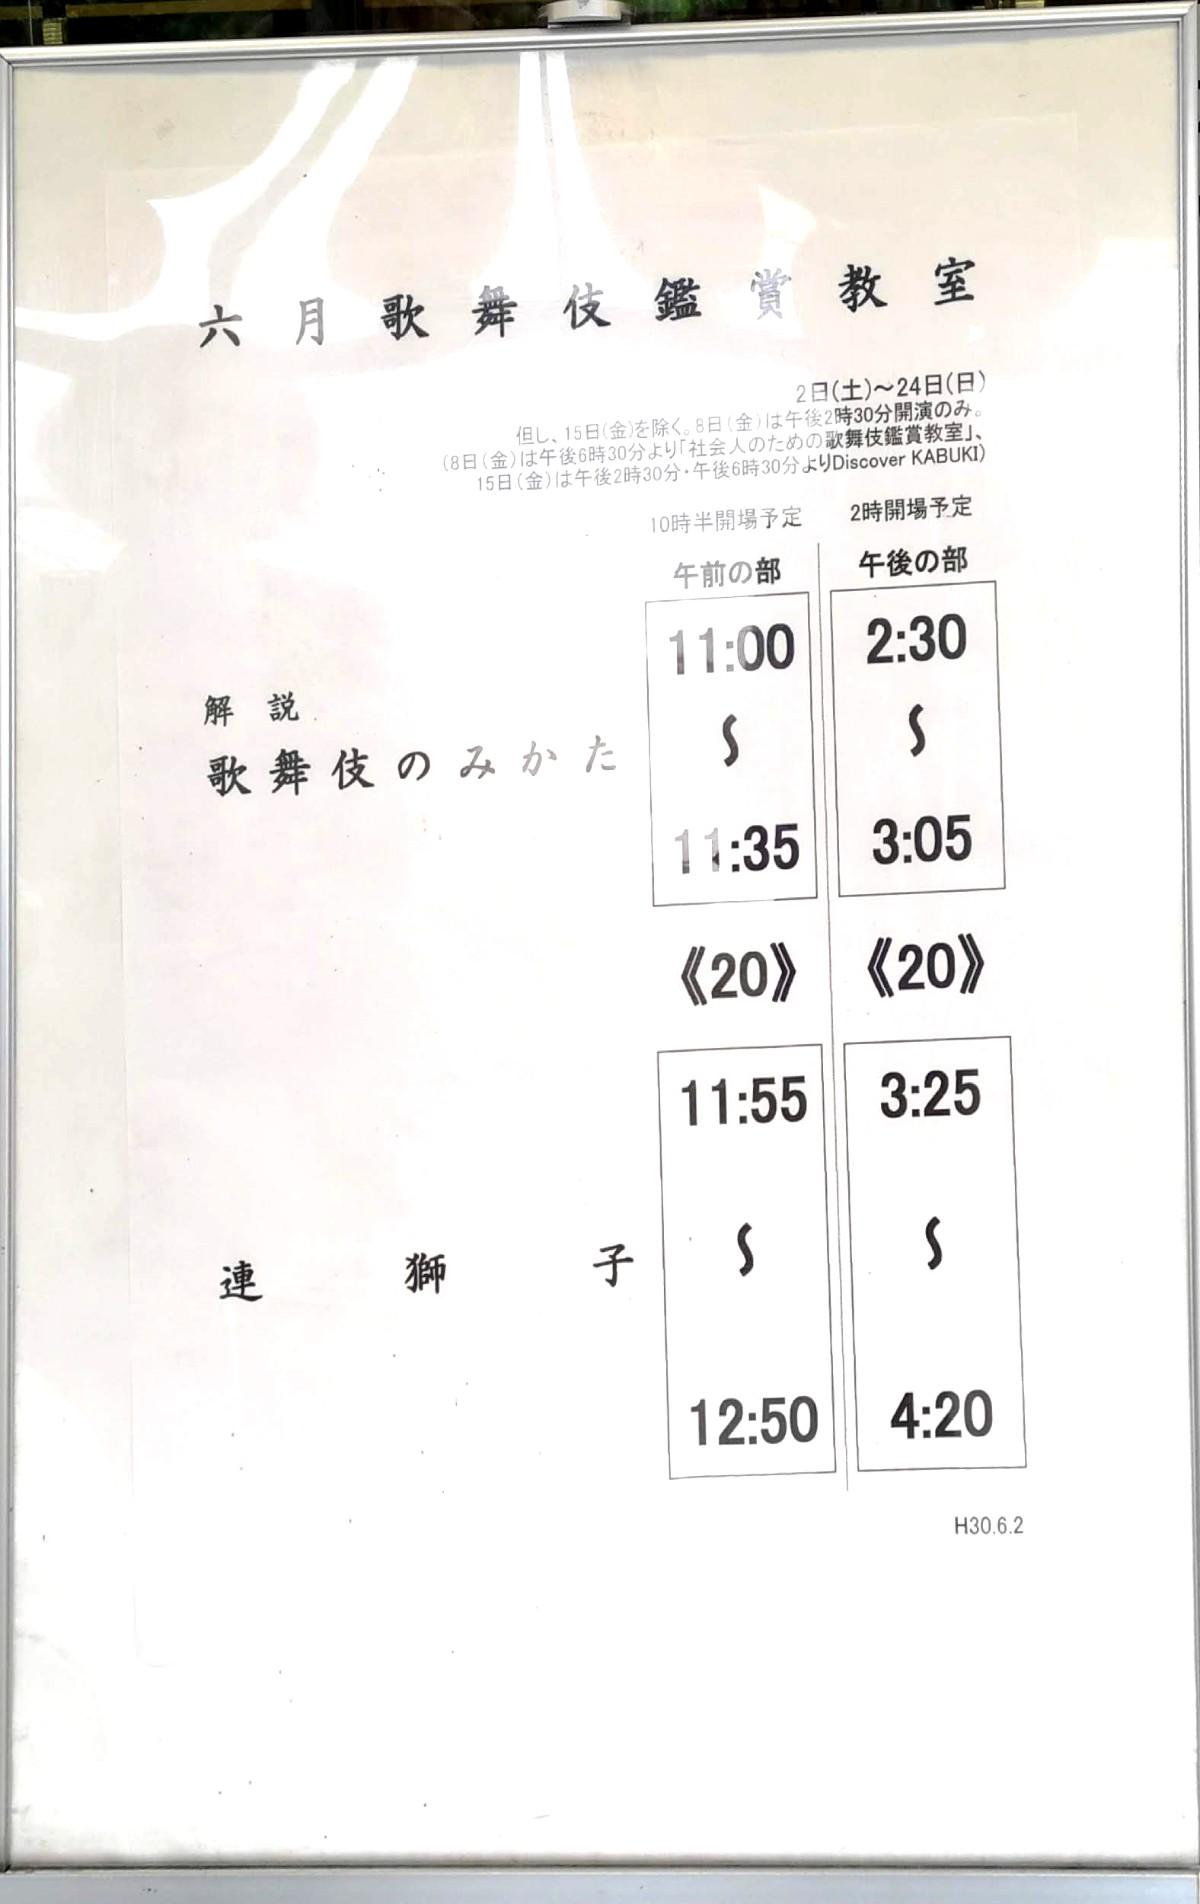 六月歌舞伎鑑賞教室